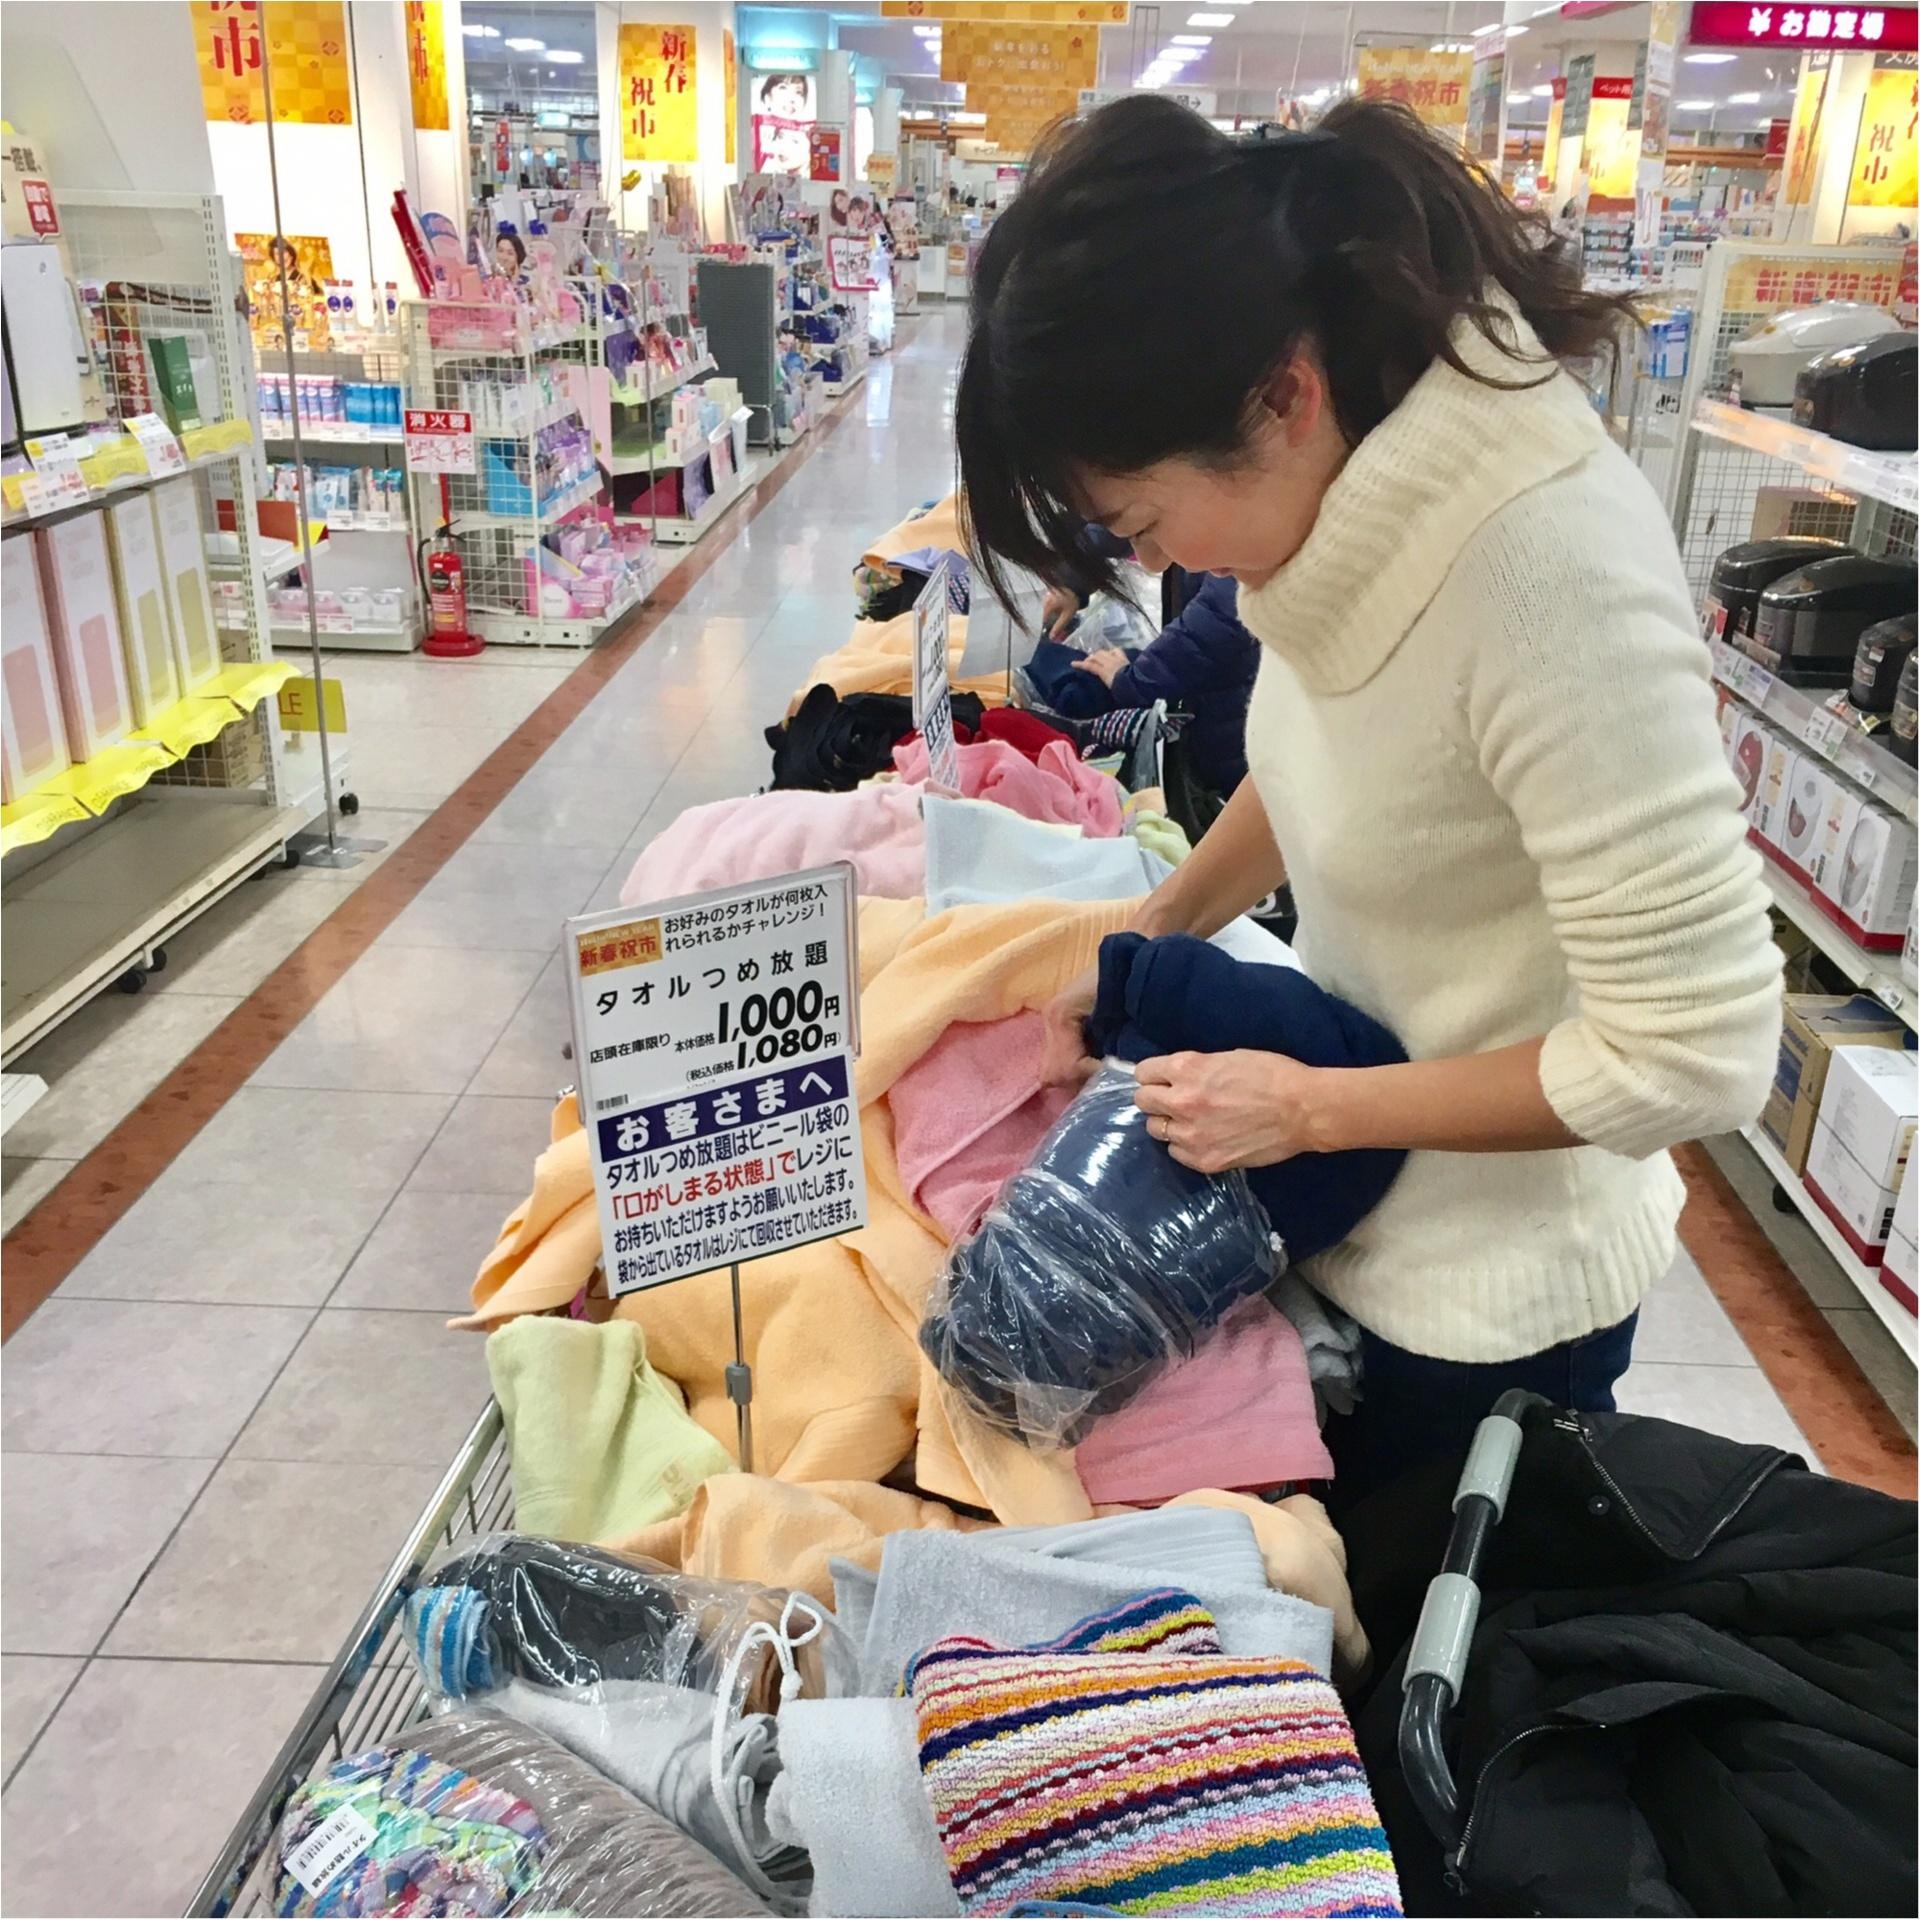 AEONの初売りへGO!!《タオル詰め放題》でなななんと…………◯◯円!!!!_2